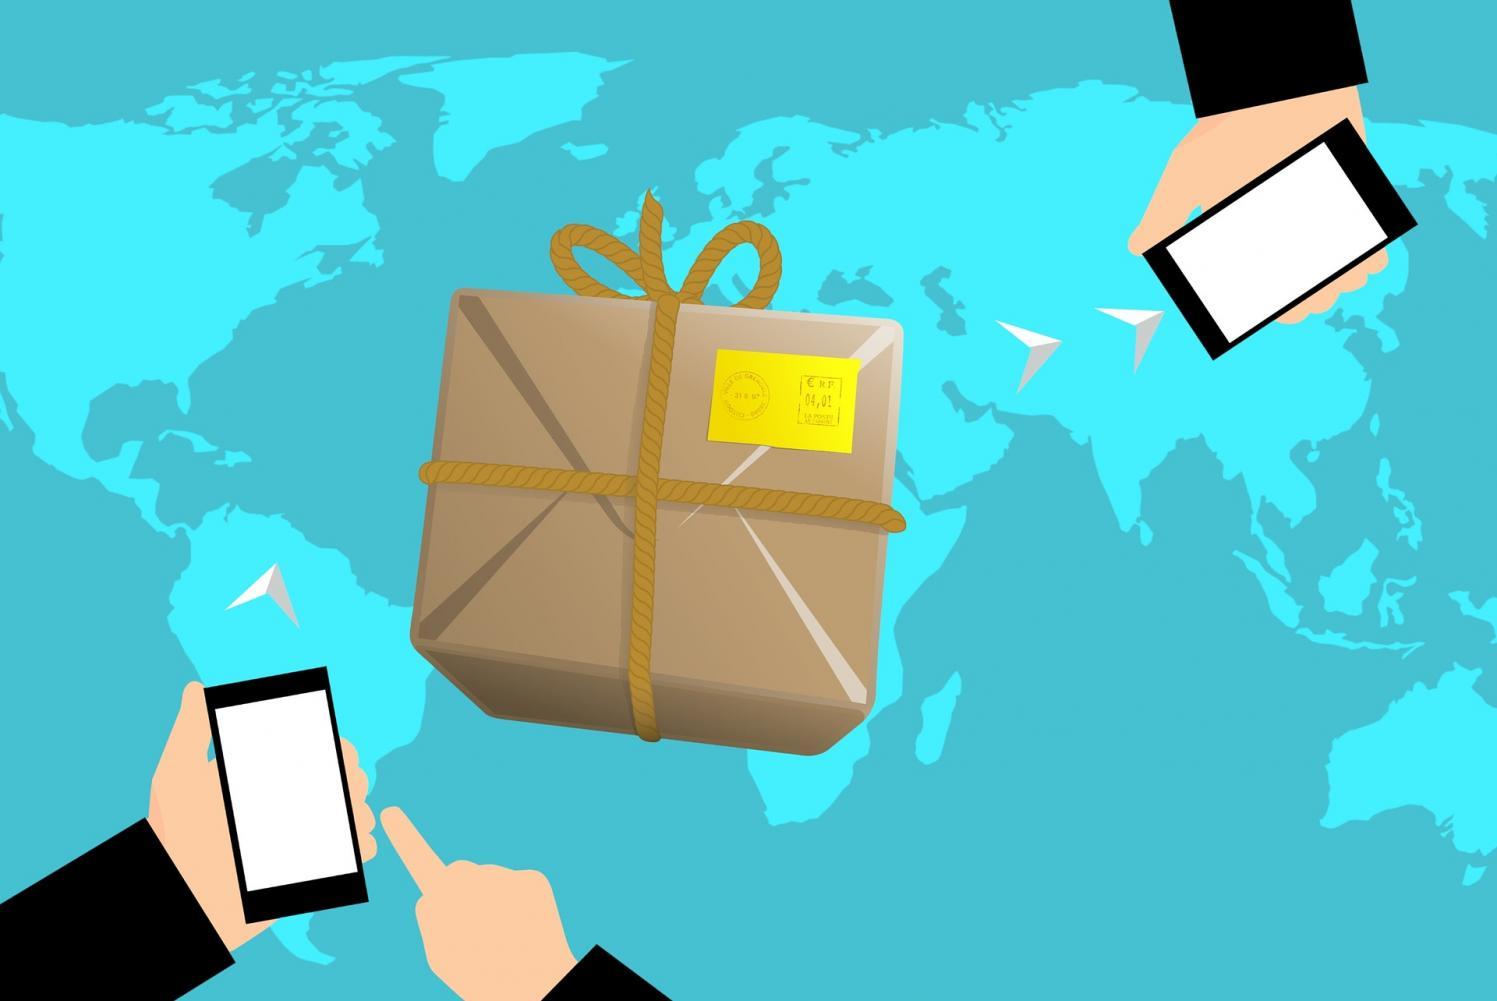 ACIL recebe palestras sobre otimização de lojas virtuais e compras